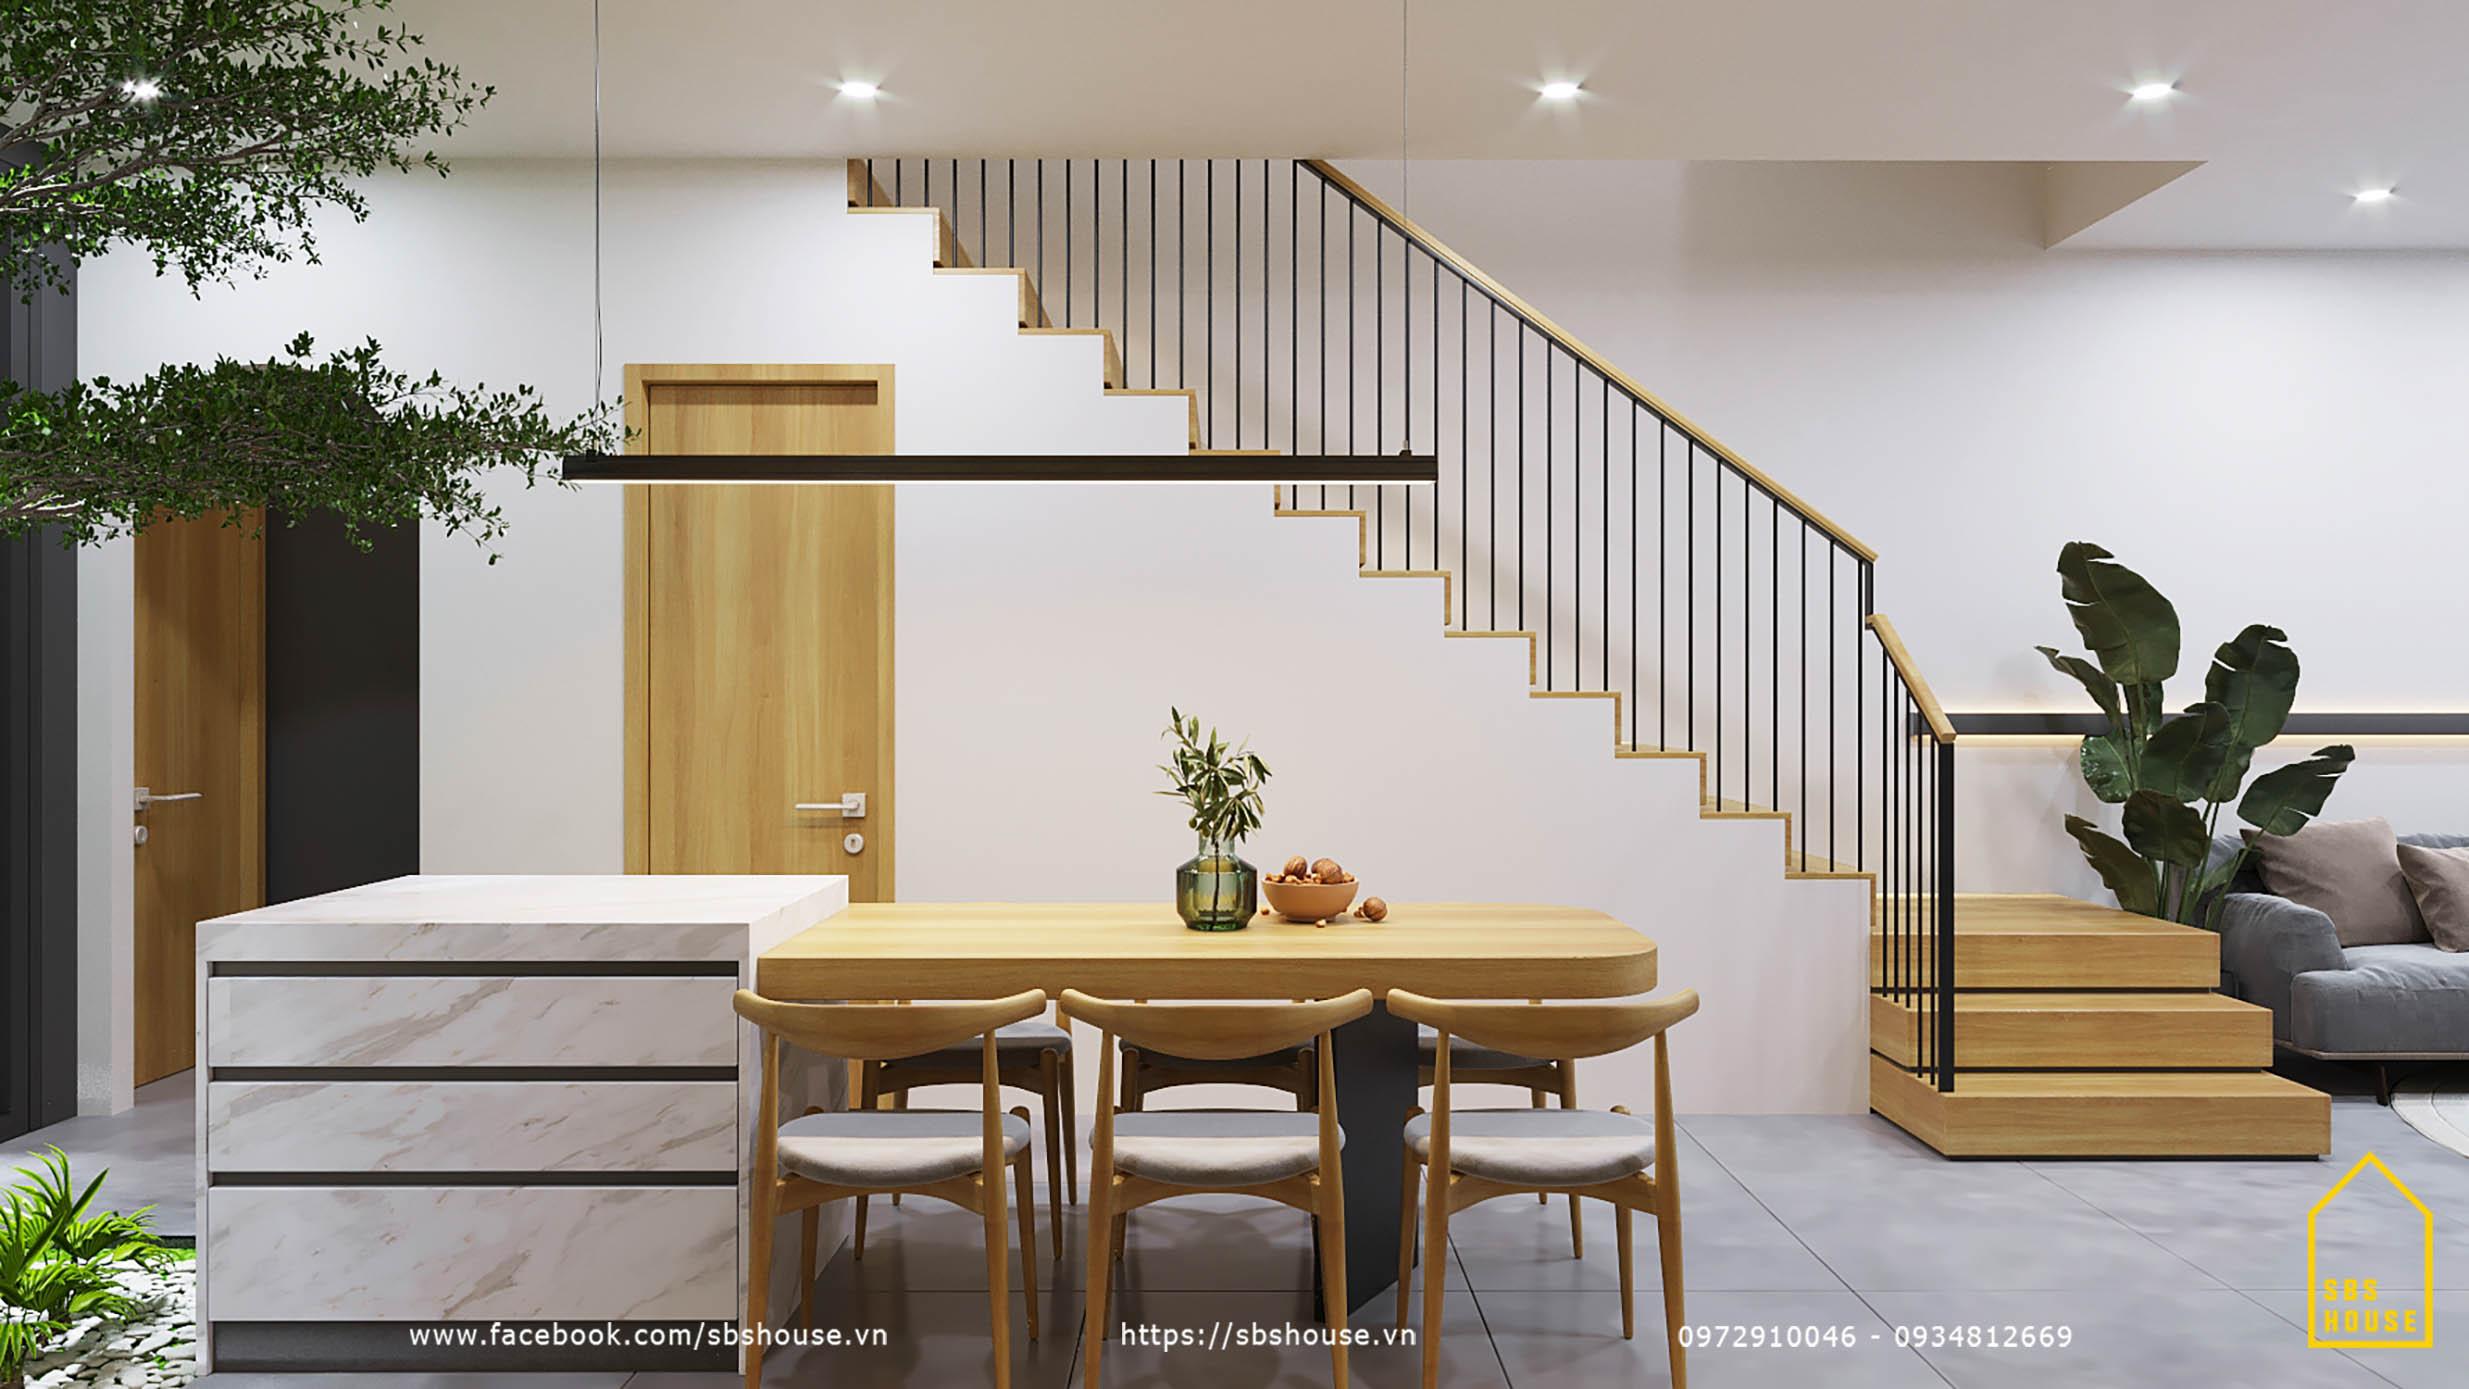 Mẫu phòng bếp bằng gỗ đẹp